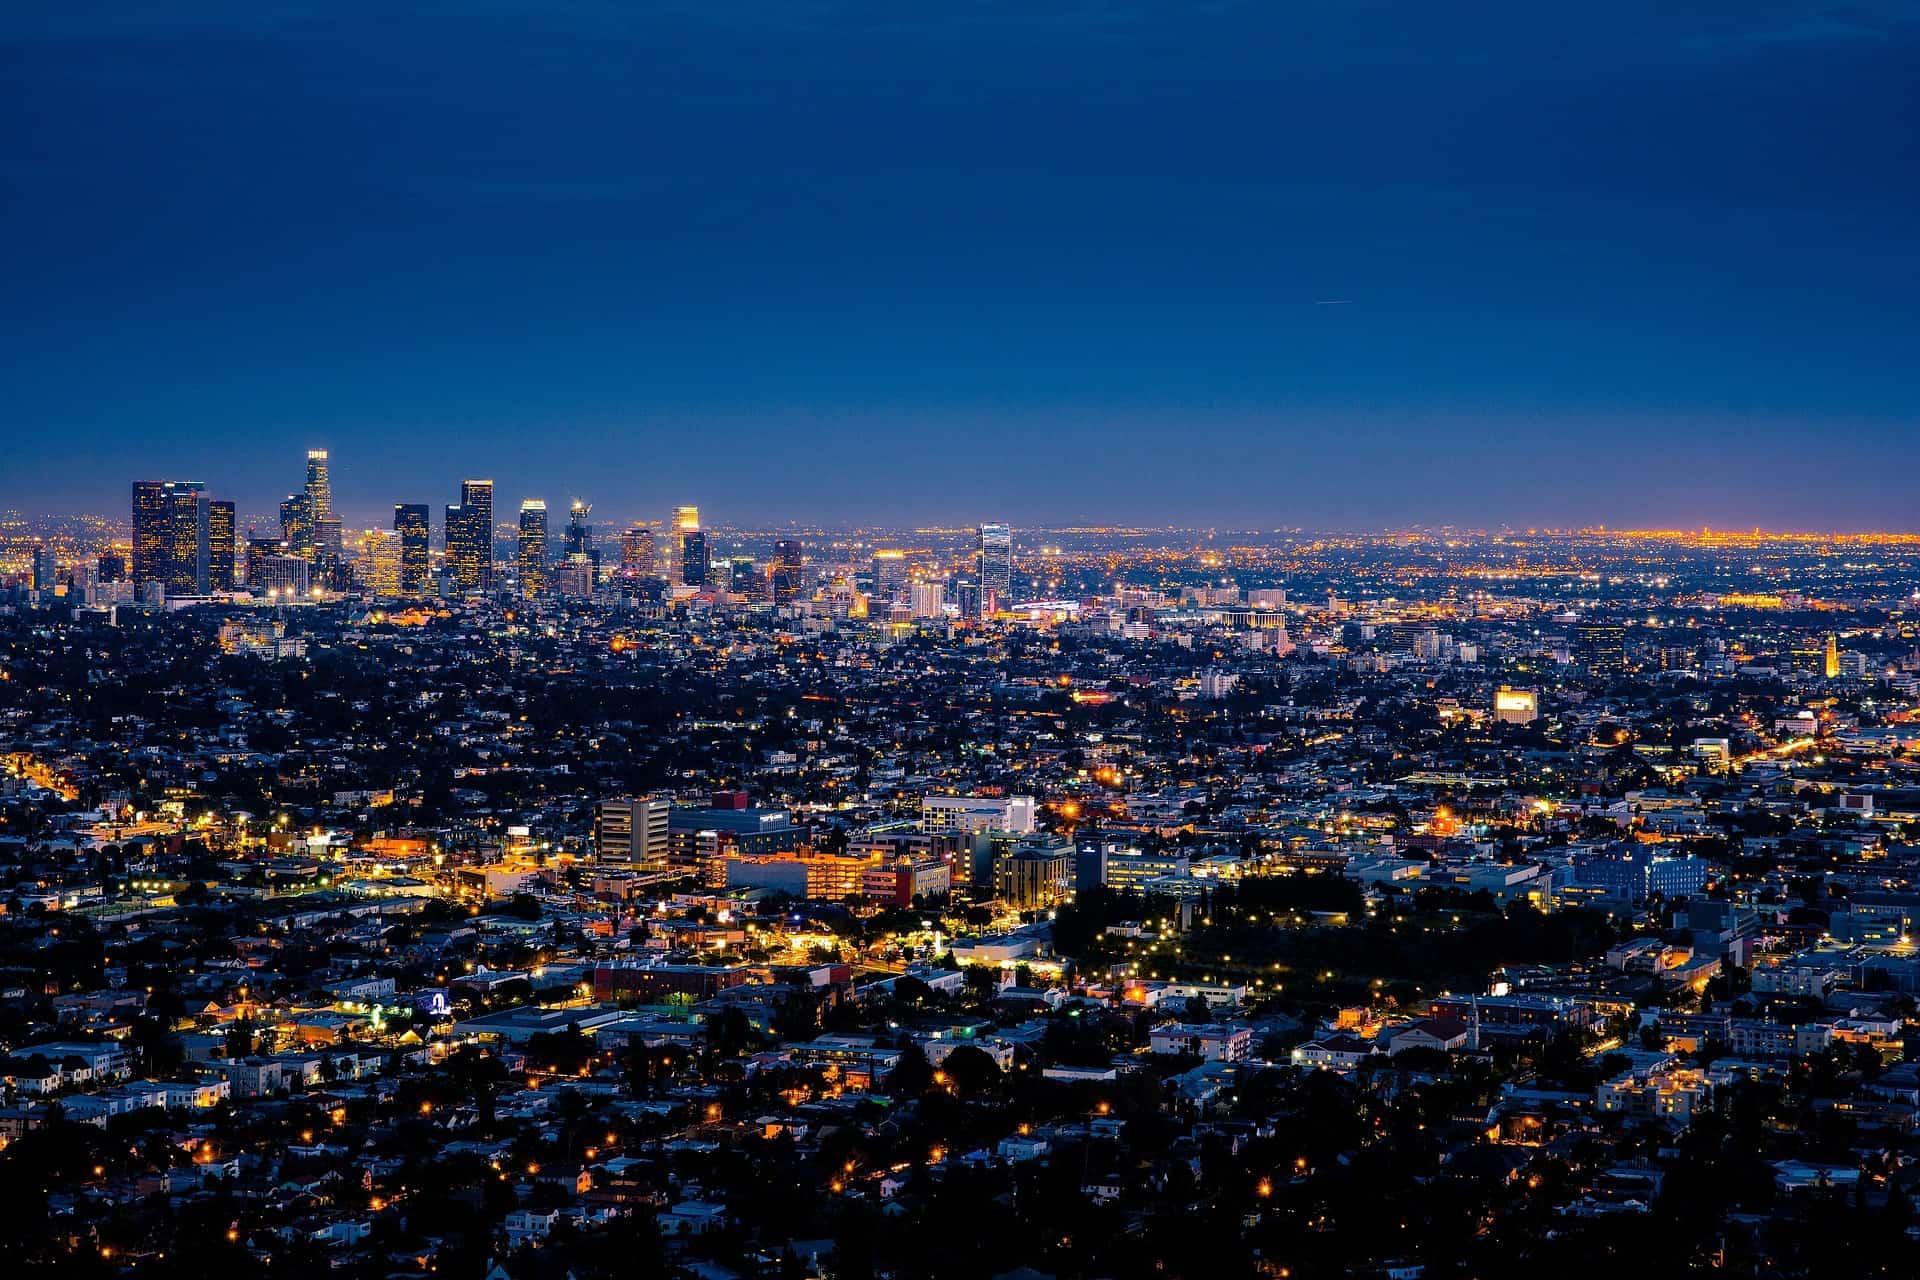 Γκέι χάρτη του Λος Άντζελες